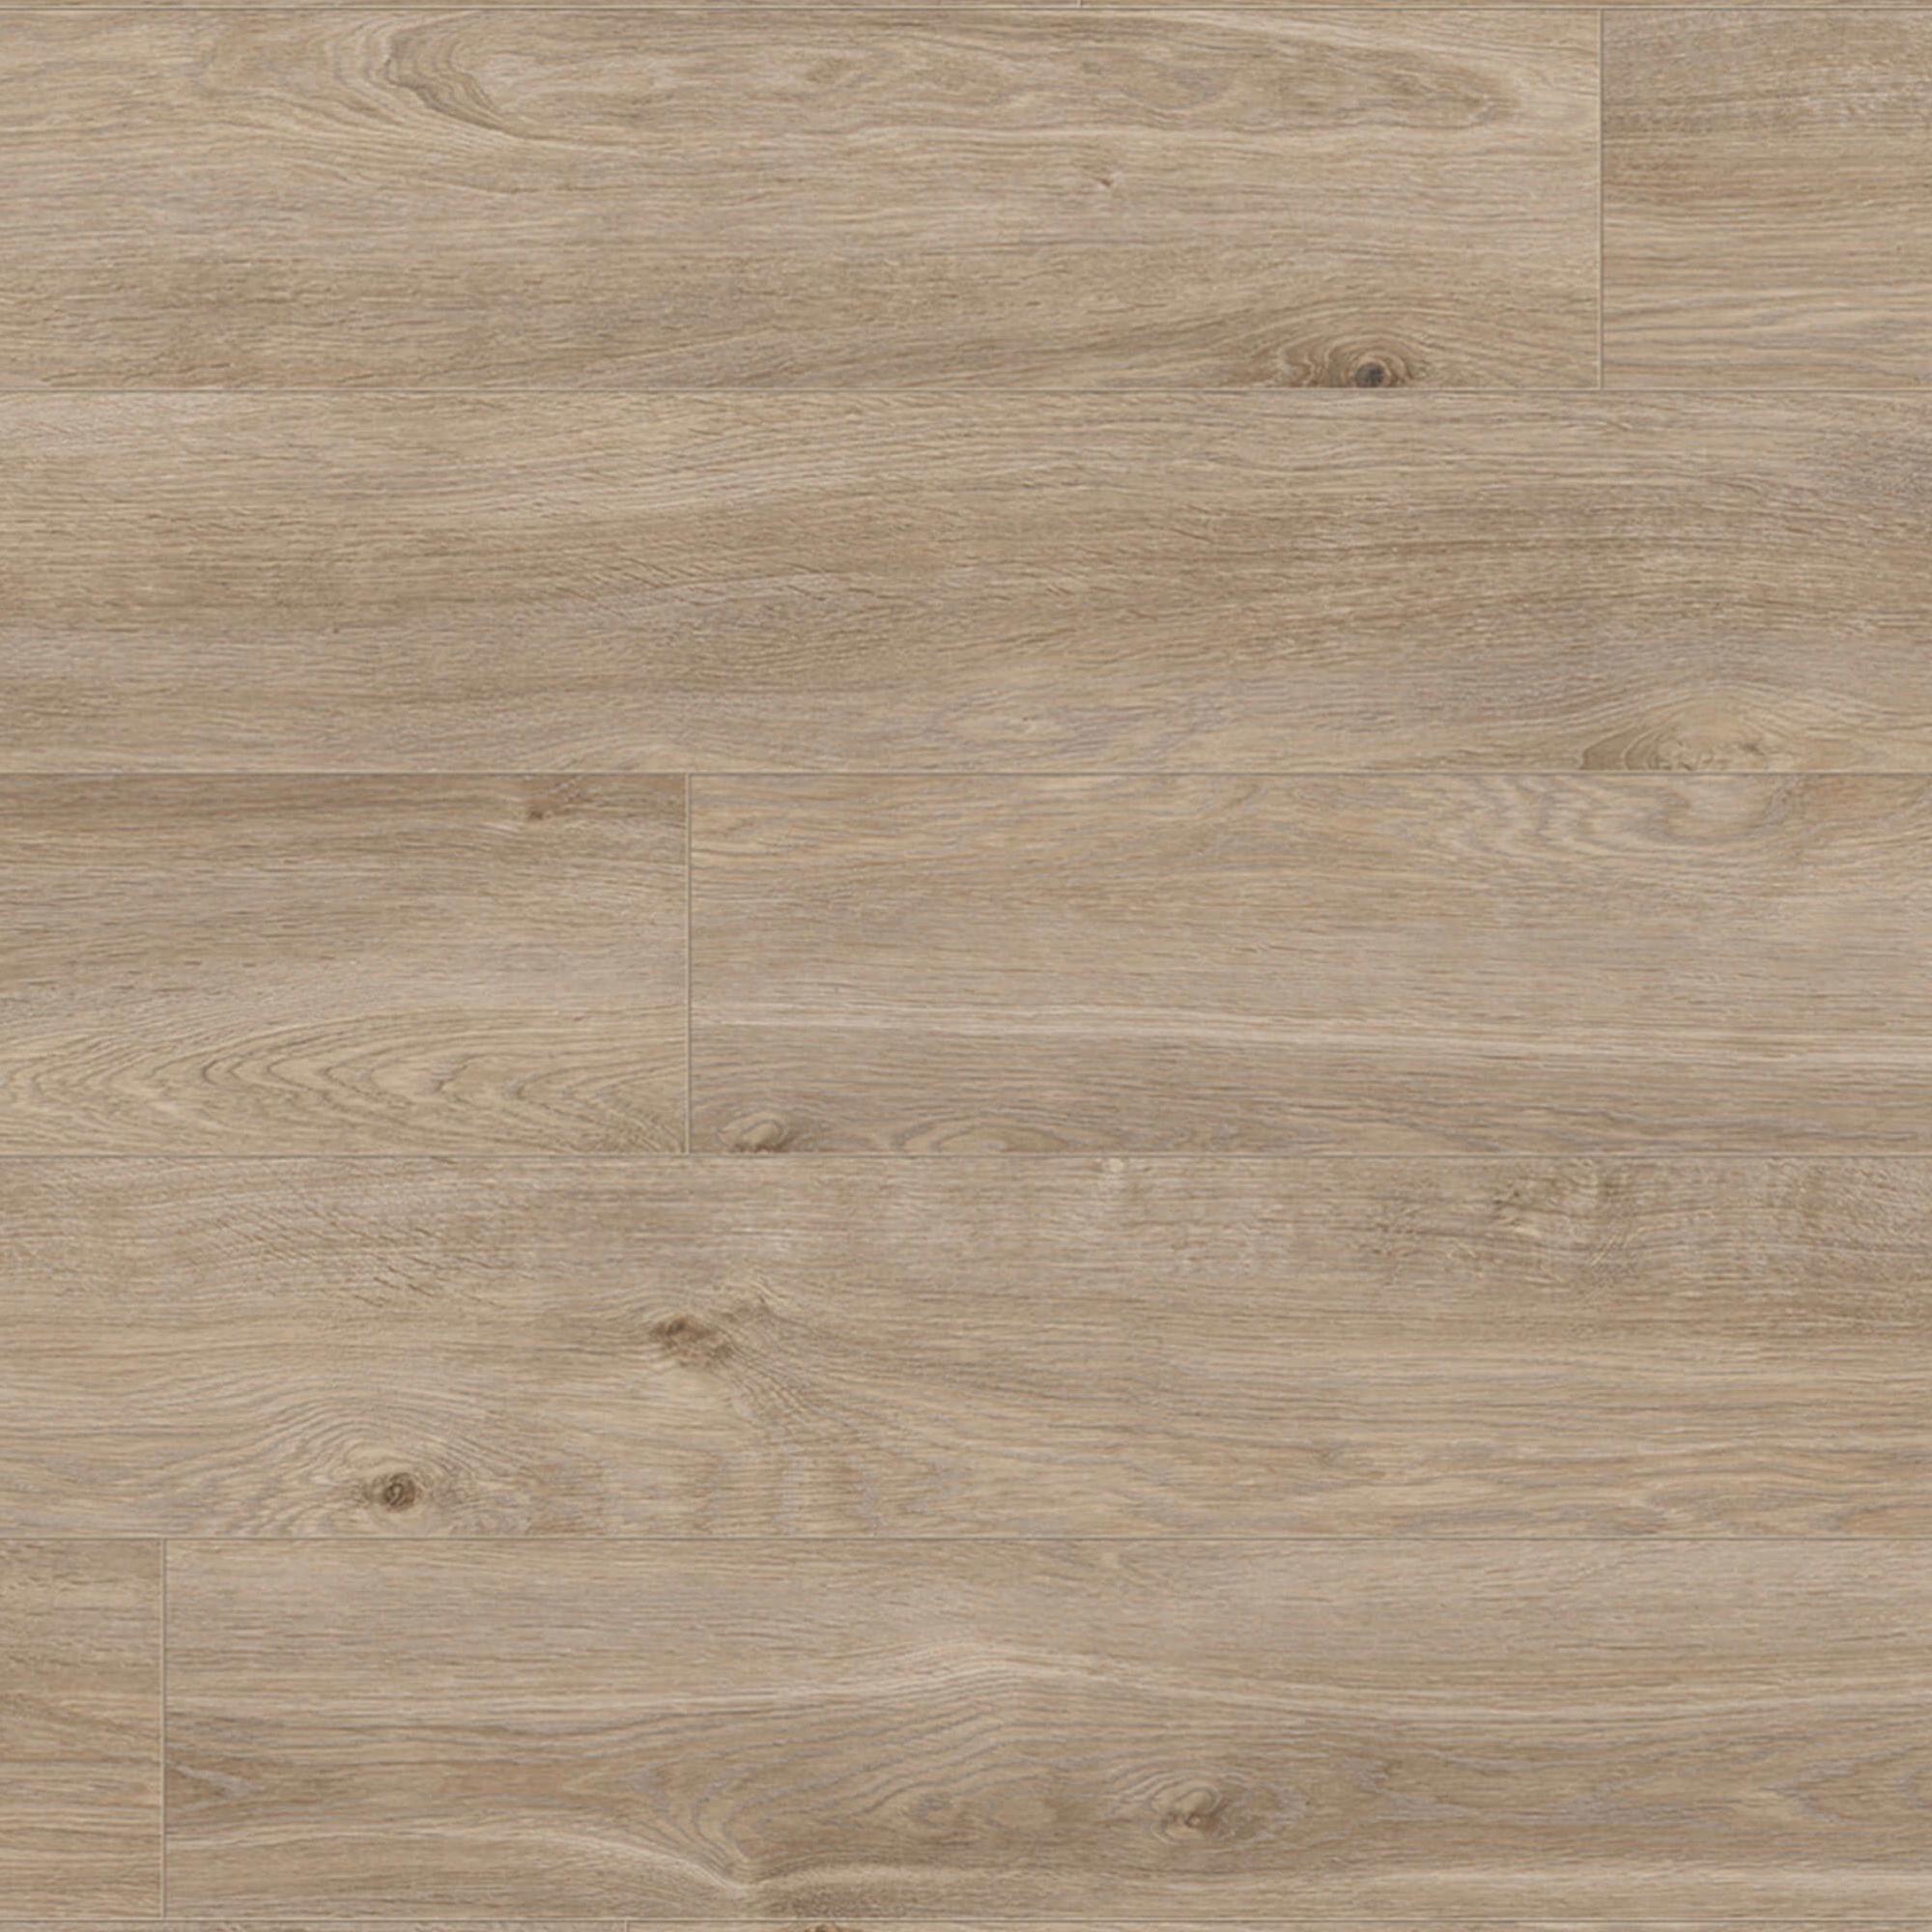 Laminátová podlaha voděodolná H2O Floor 1536 Michigan Oak 8 mm